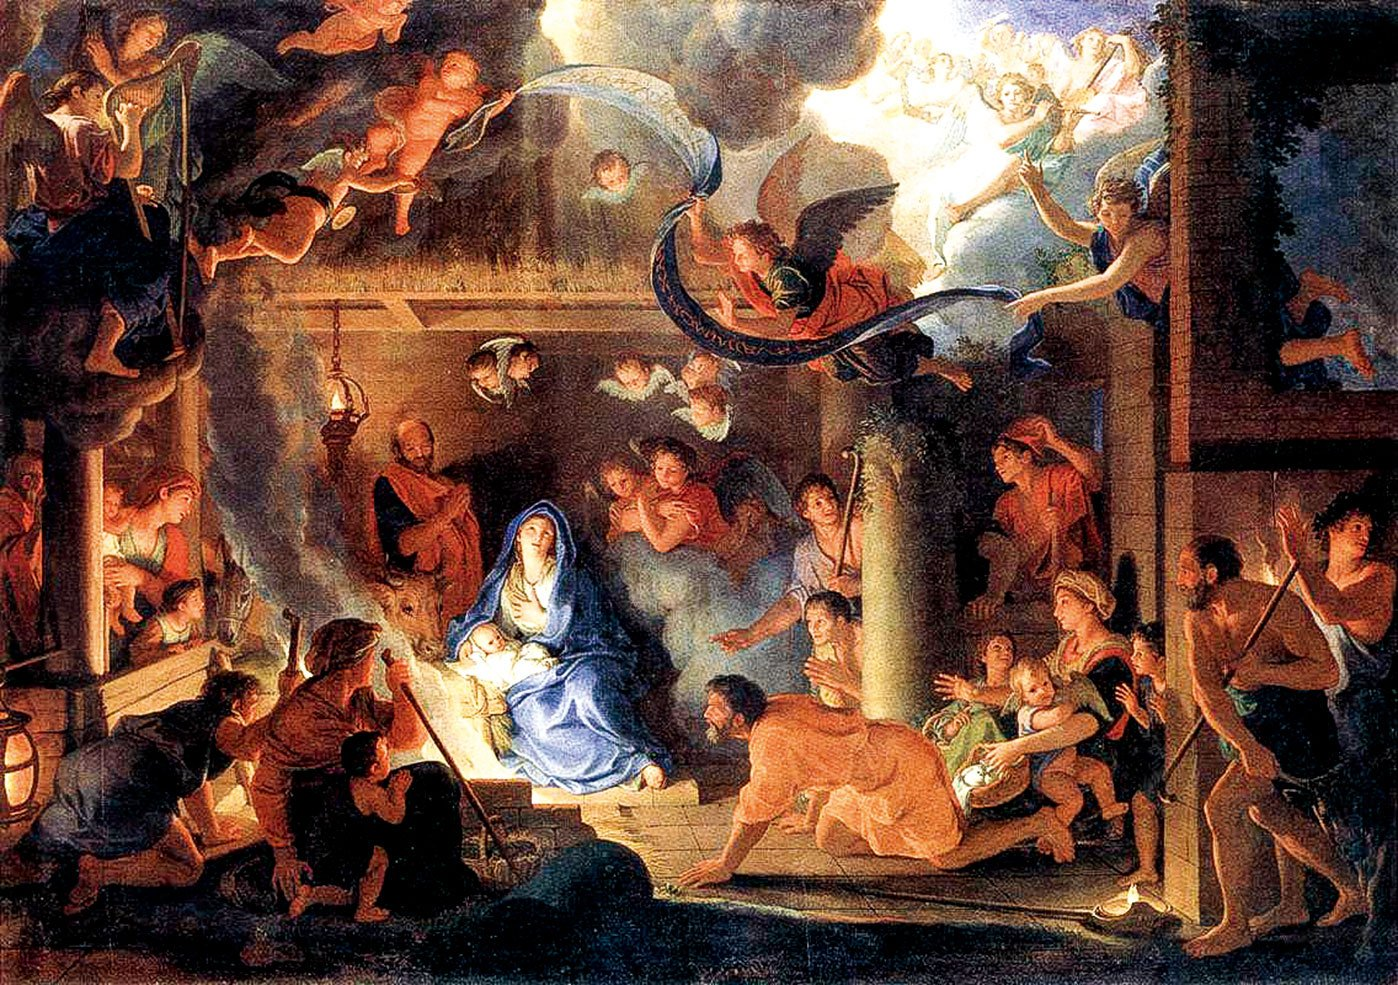 法國皇家藝術學院院長勒布倫作品《牧羊人的仰望》,1689年,油畫,151 x 213公分,現藏於巴黎羅浮宮。(公有領域)